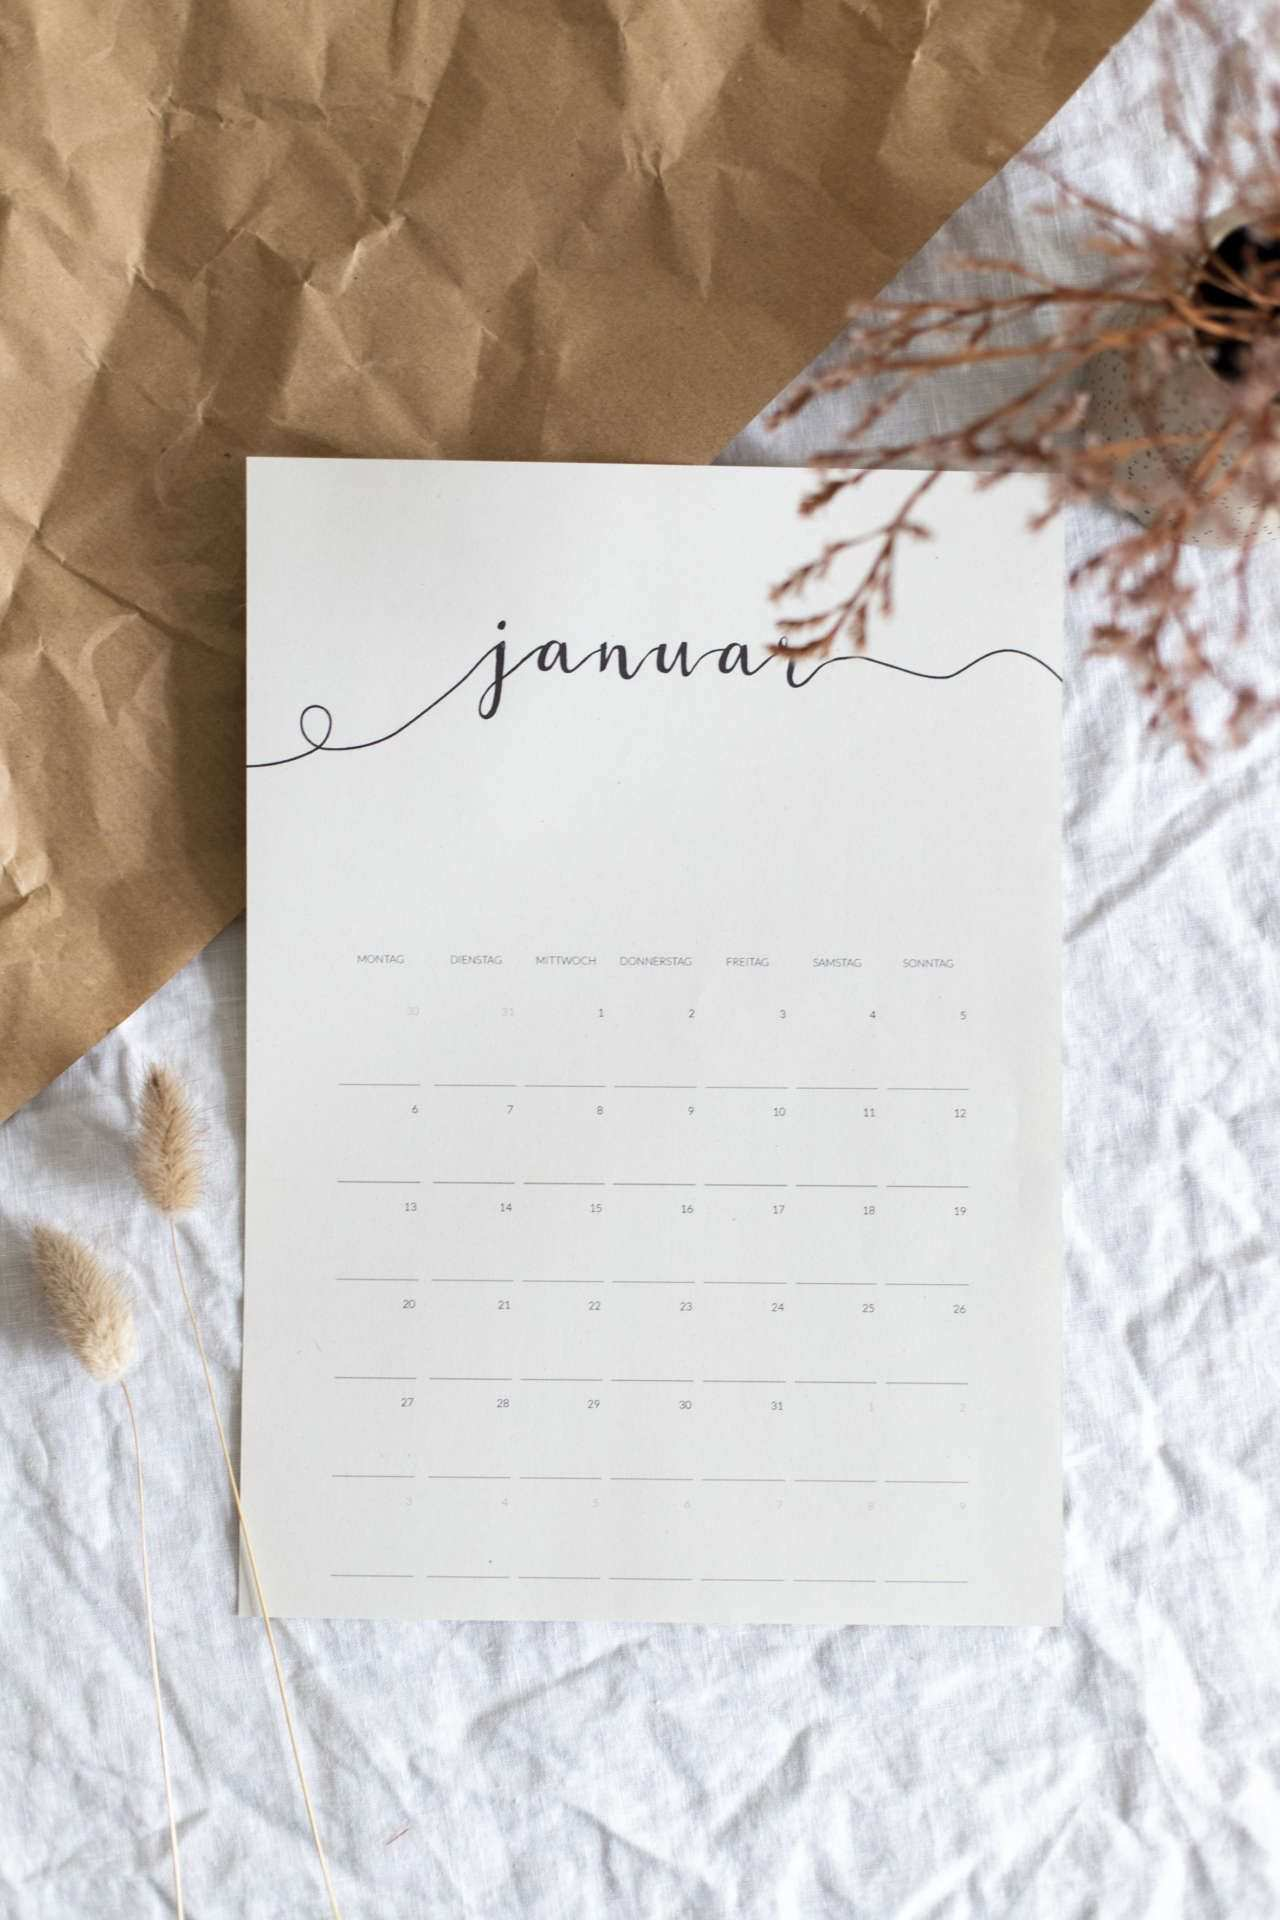 Freebie Minimalistischer Kalender 2020 Kalender Zum Ausdrucken Kalender Gestalten Kalender